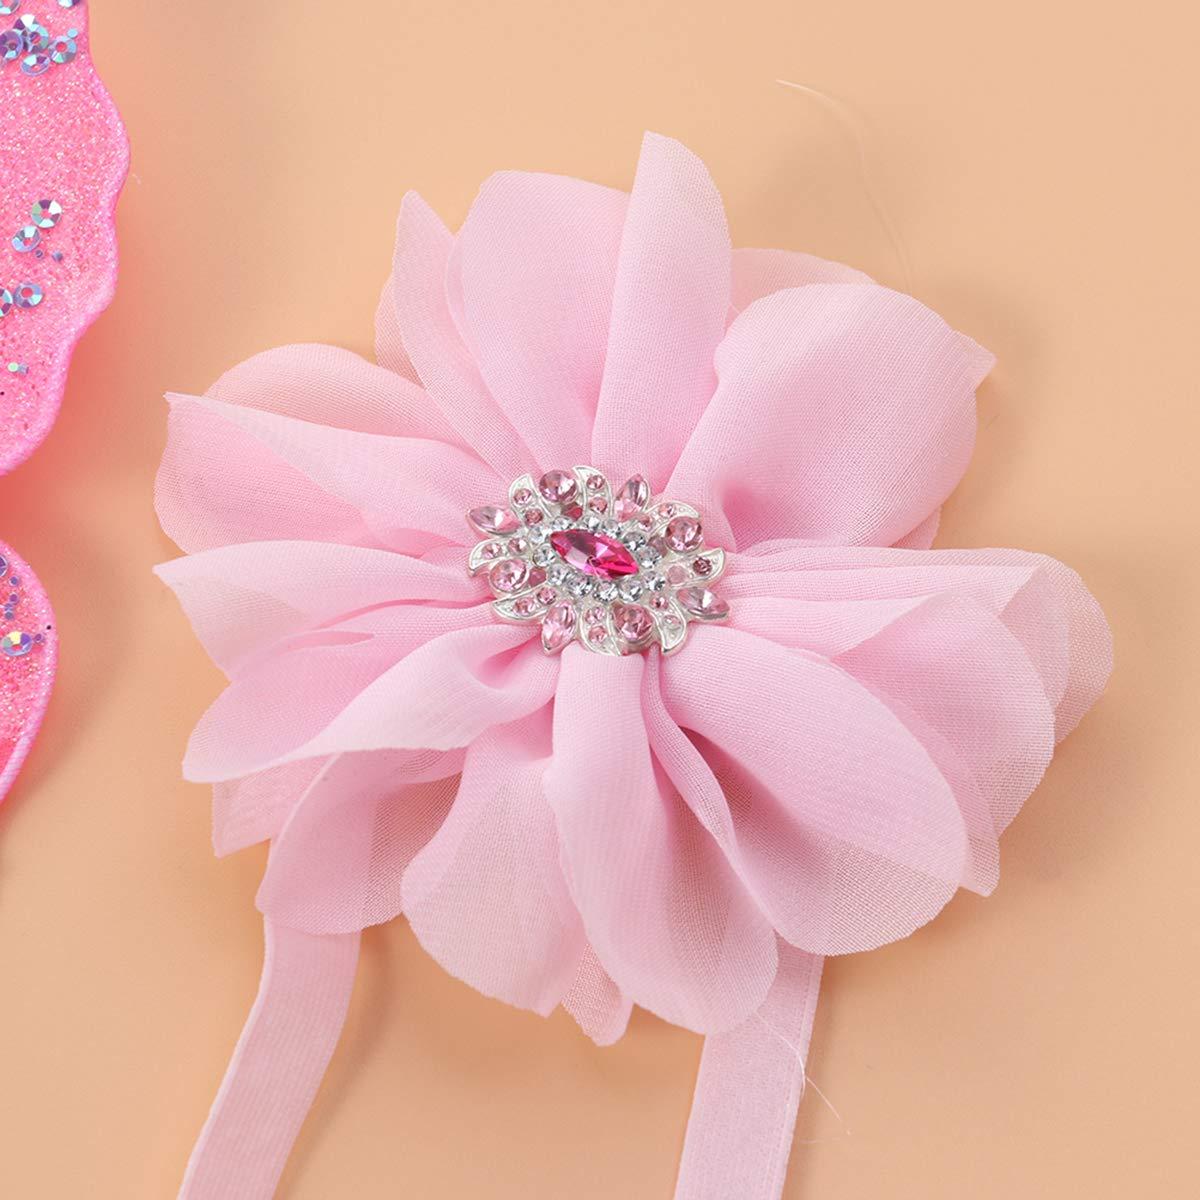 Pink Chiffon Amosfun Fotograf/ía de la Banda de Flores y Lentejuelas con Lentejuelas Mariposa para beb/é reci/én Nacido Traje de fotograf/ía Conjunto